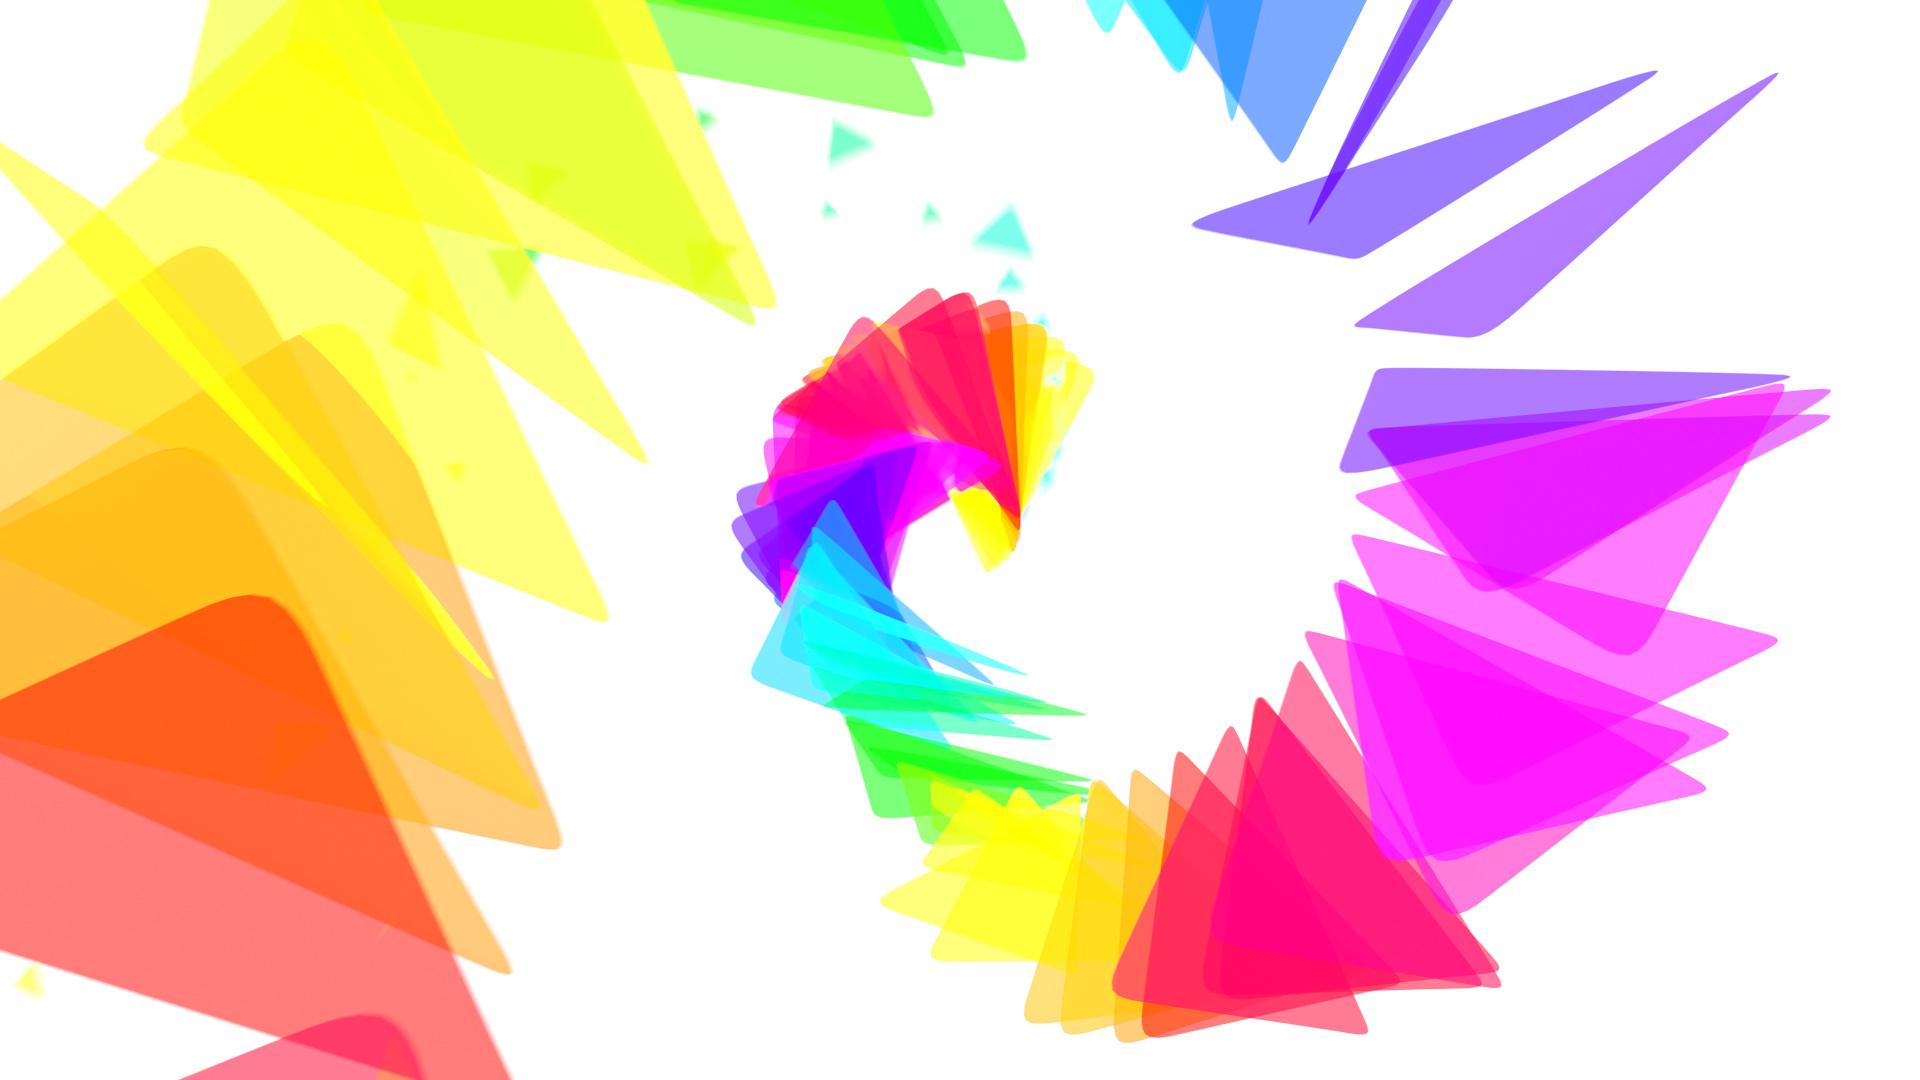 全新logo演绎|三维|动画/影视|exceedmiracle - 原创图片